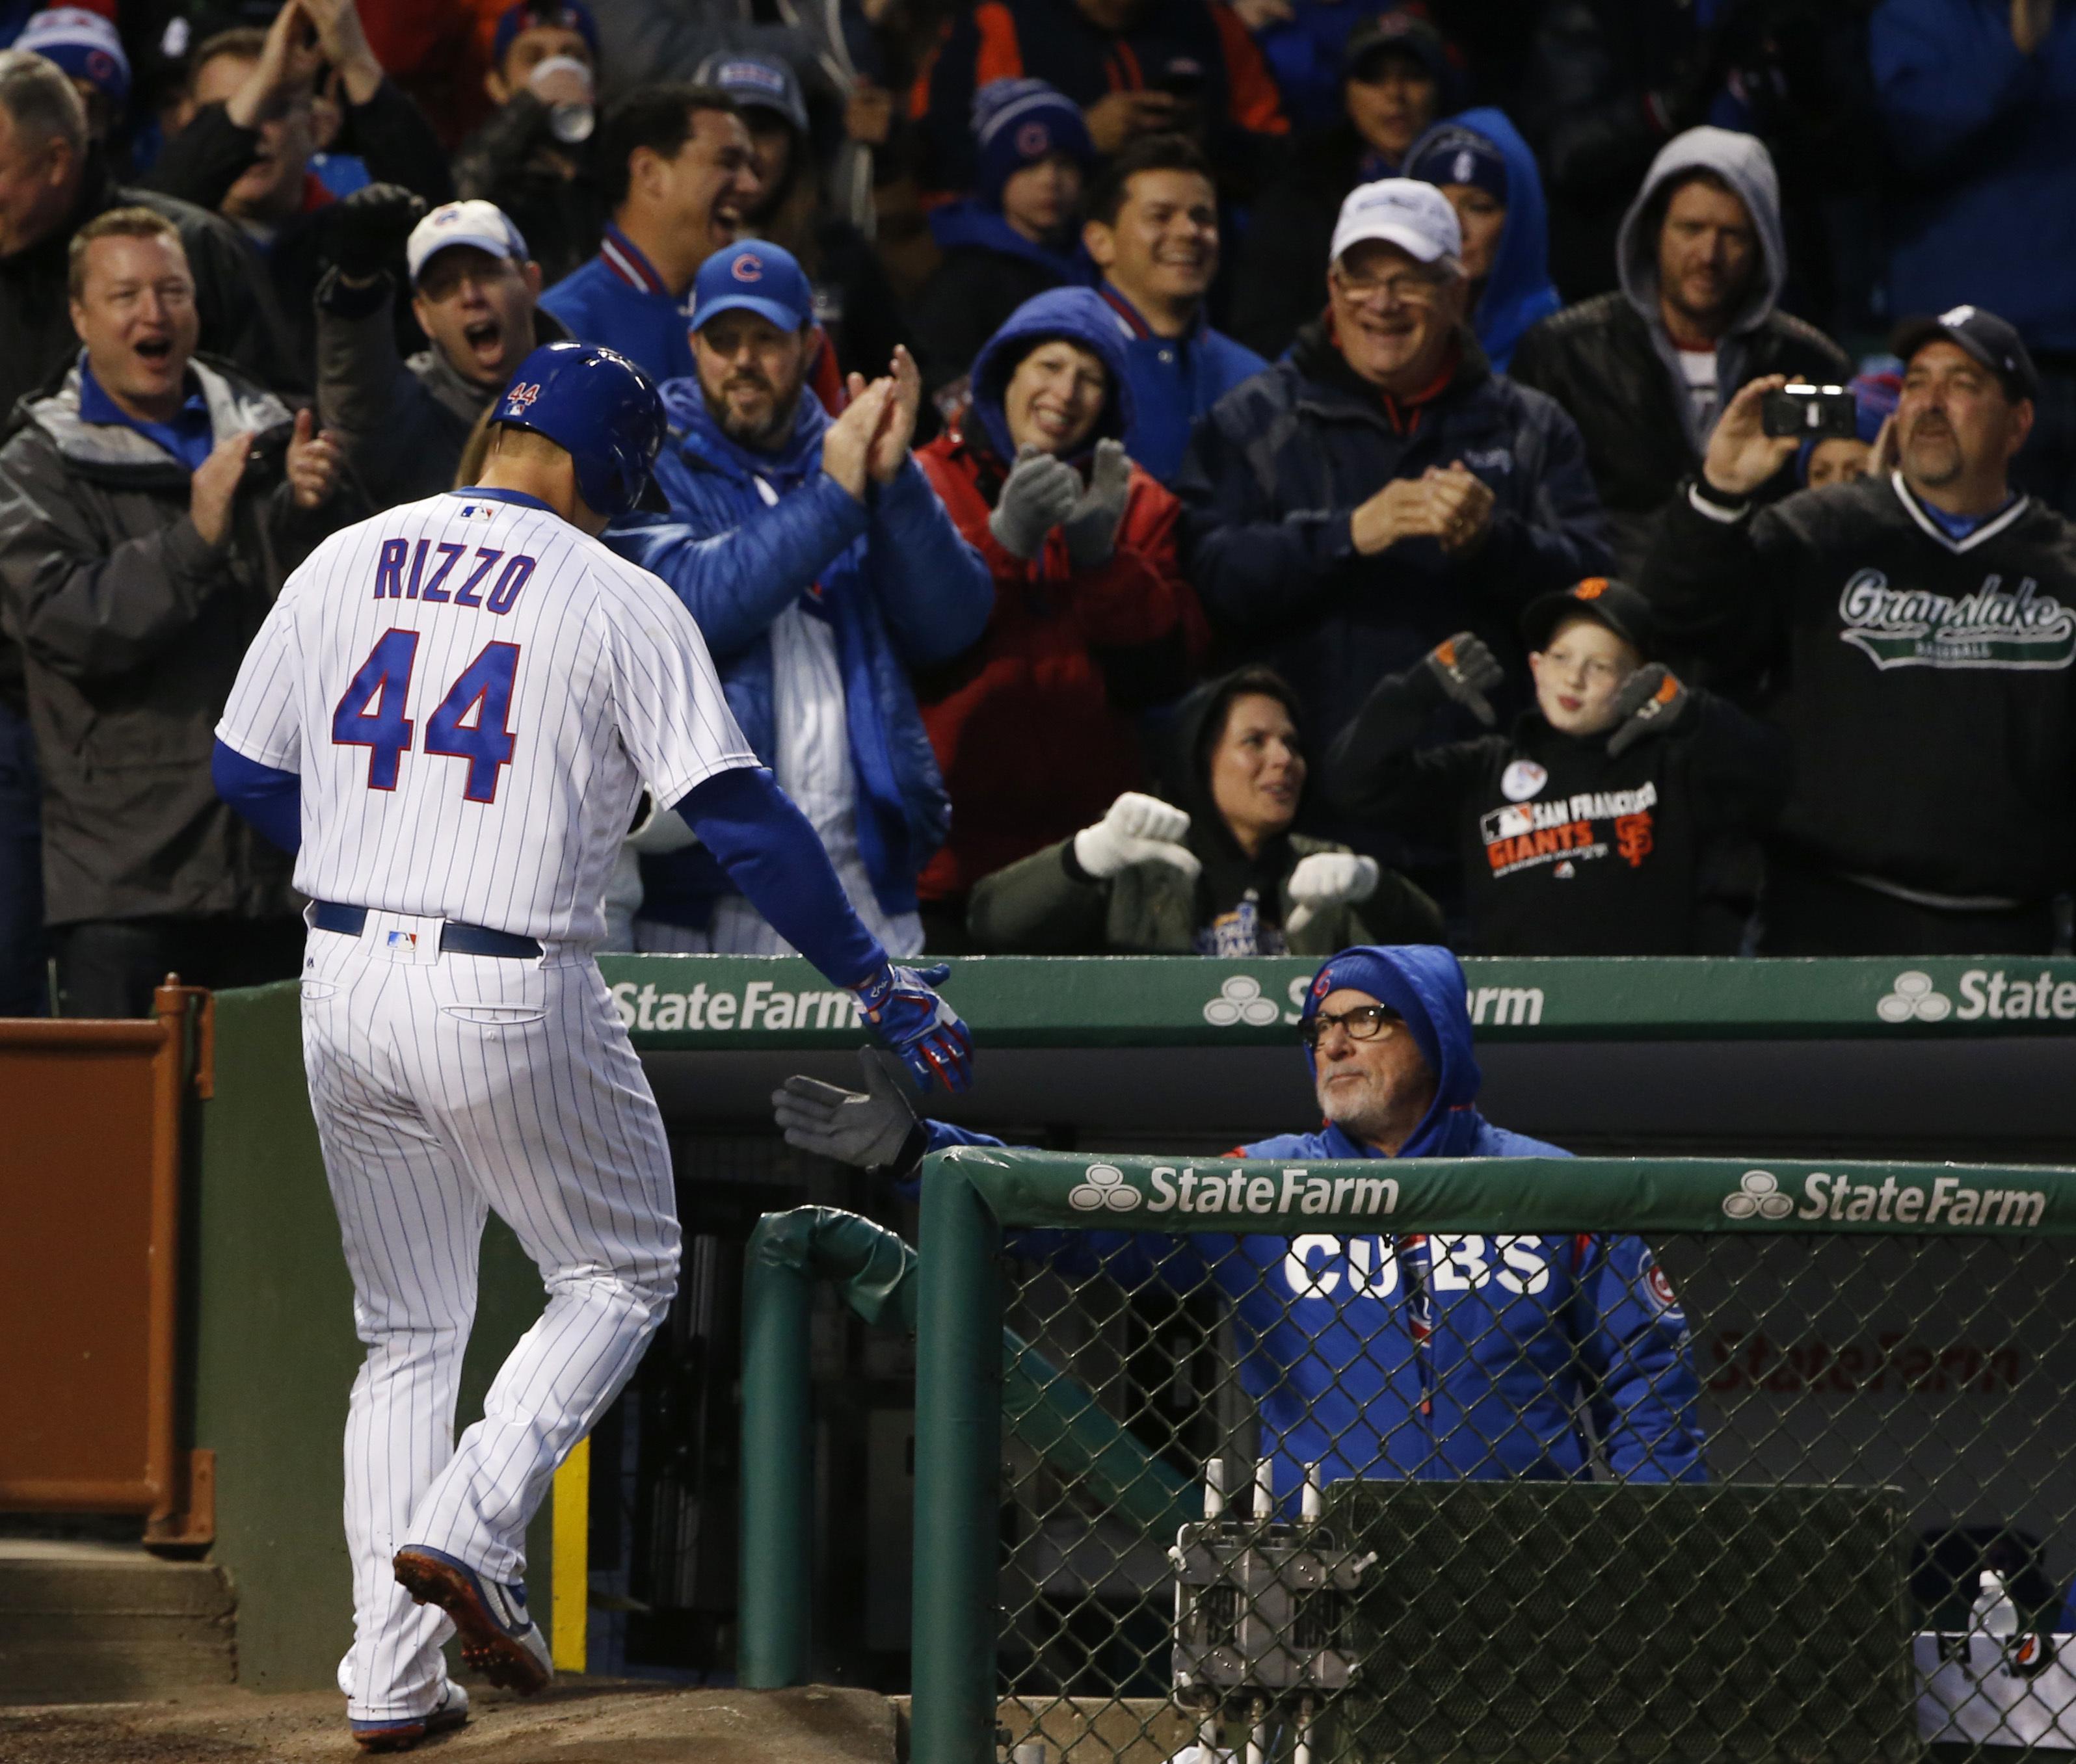 Giants_cubs_baseball_32856